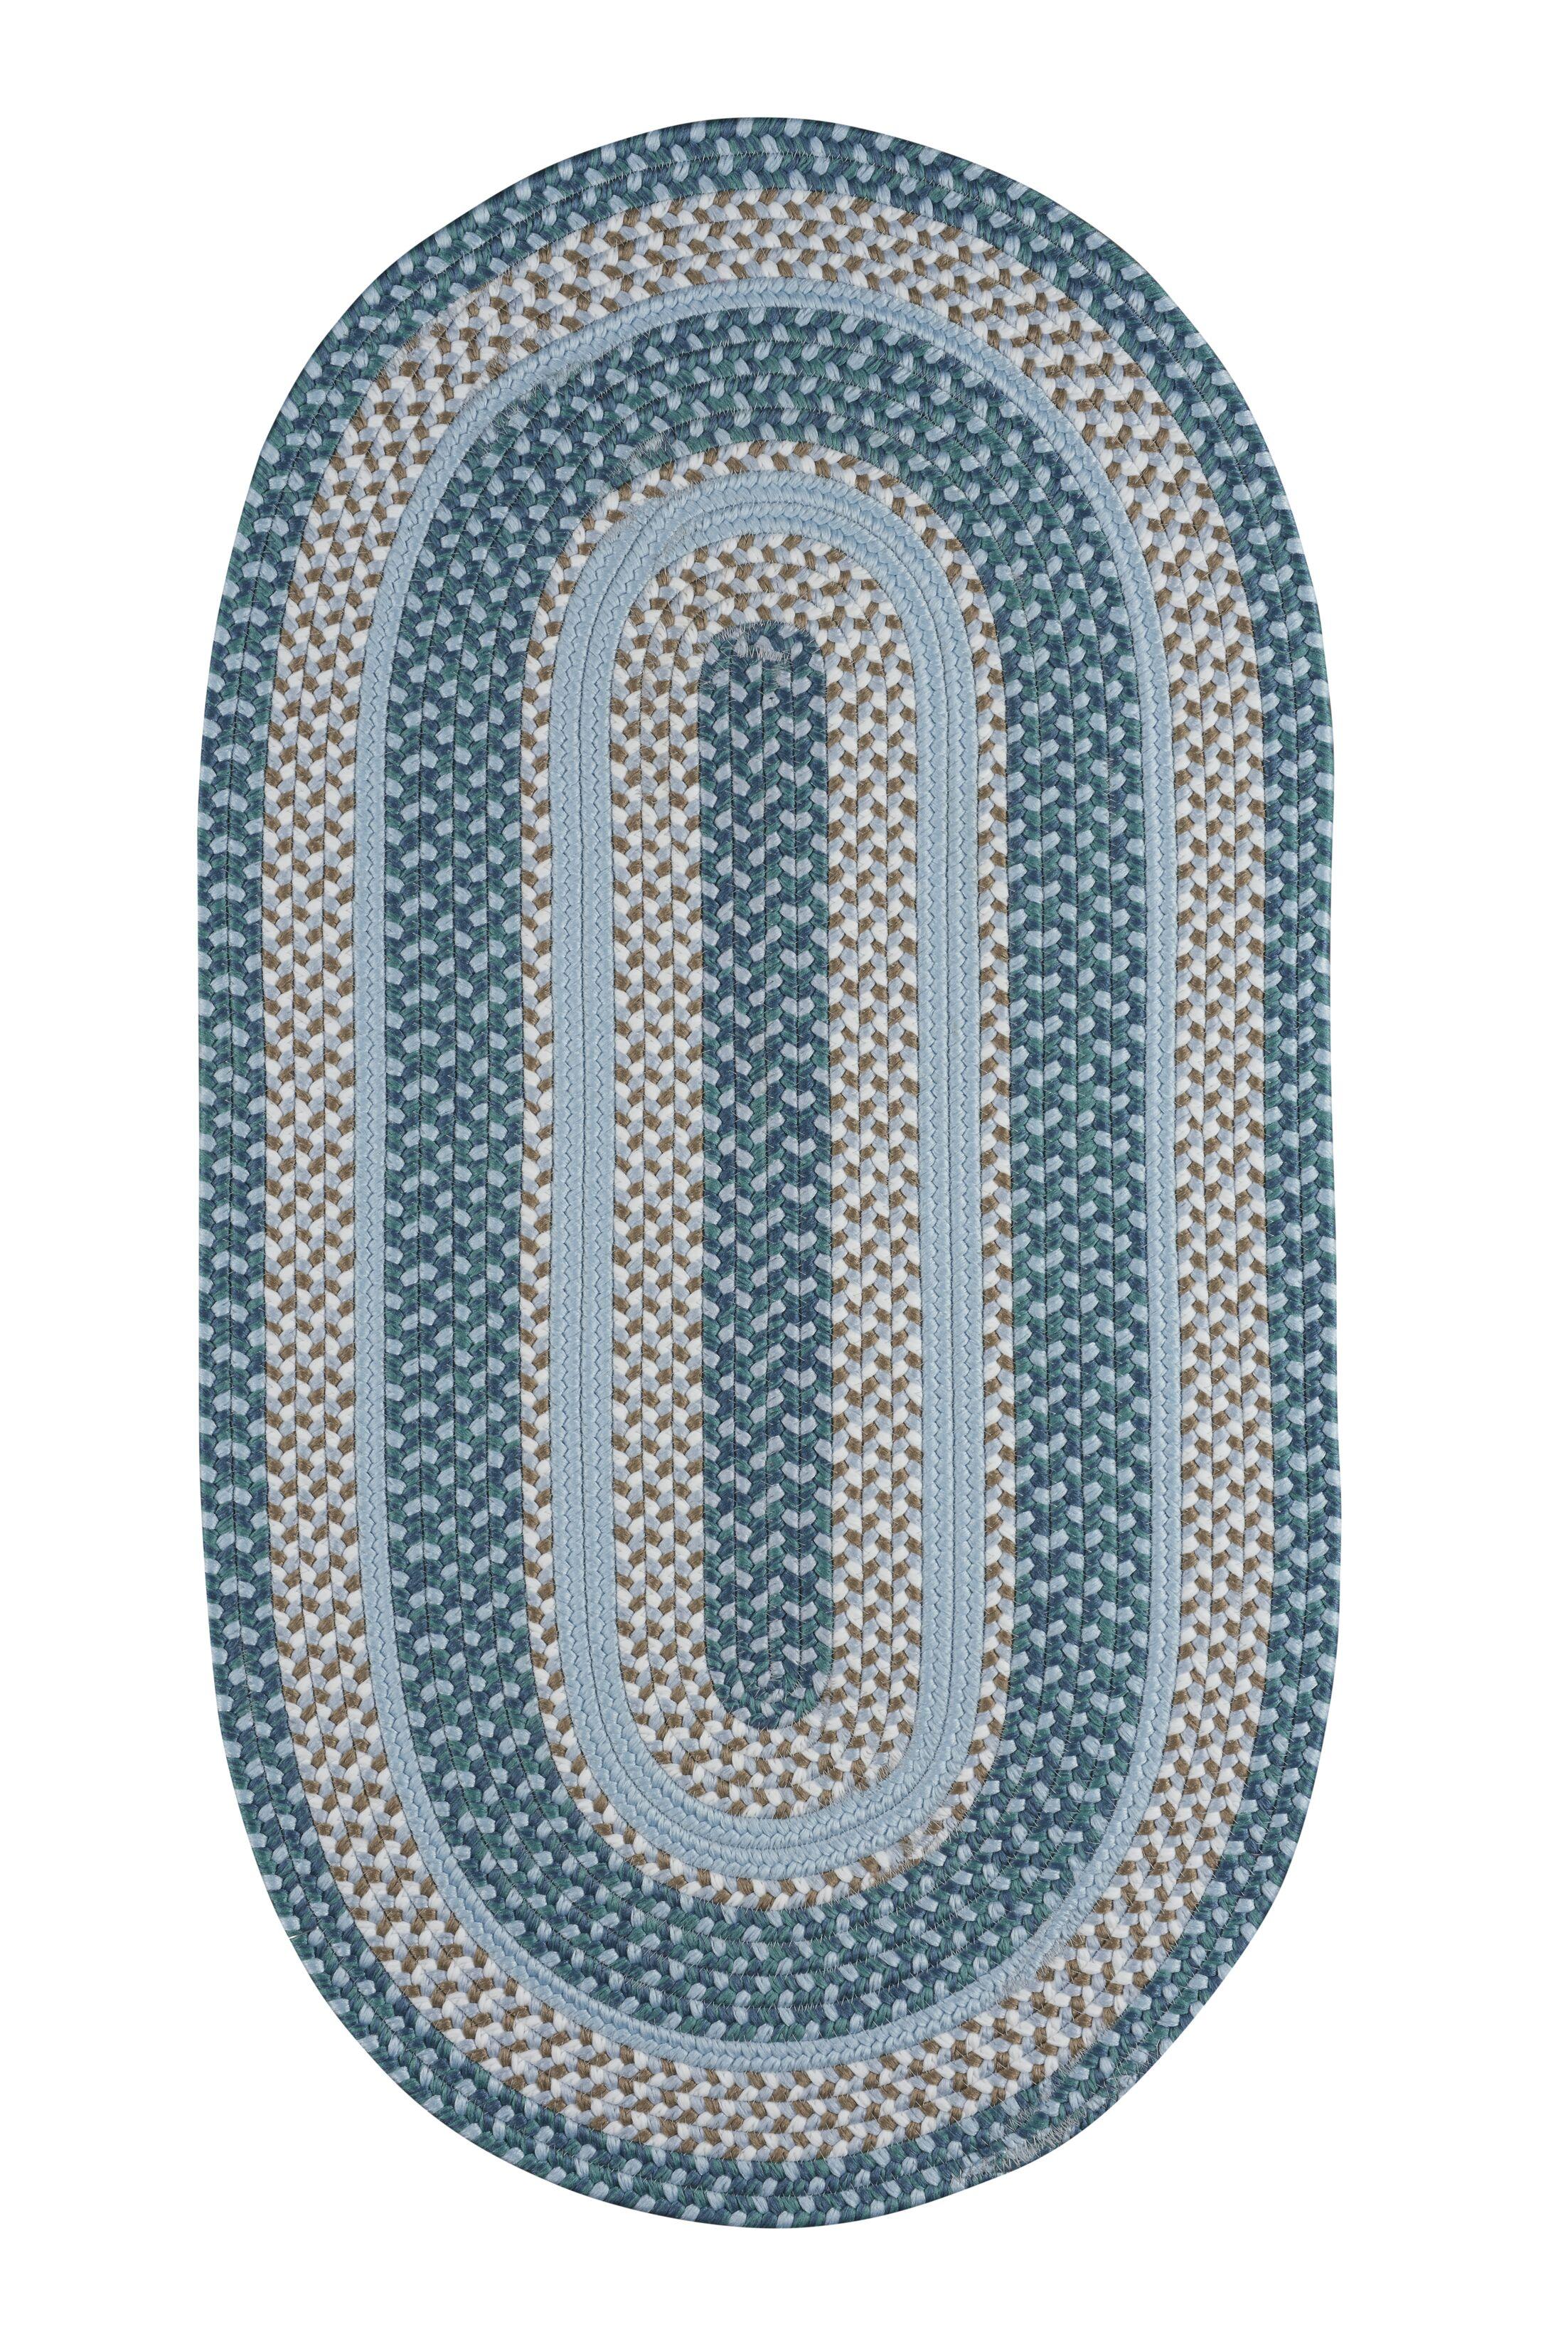 Wieland Hand-Braided Aqua Area Rug Rug Size: Oval 4' x 6'